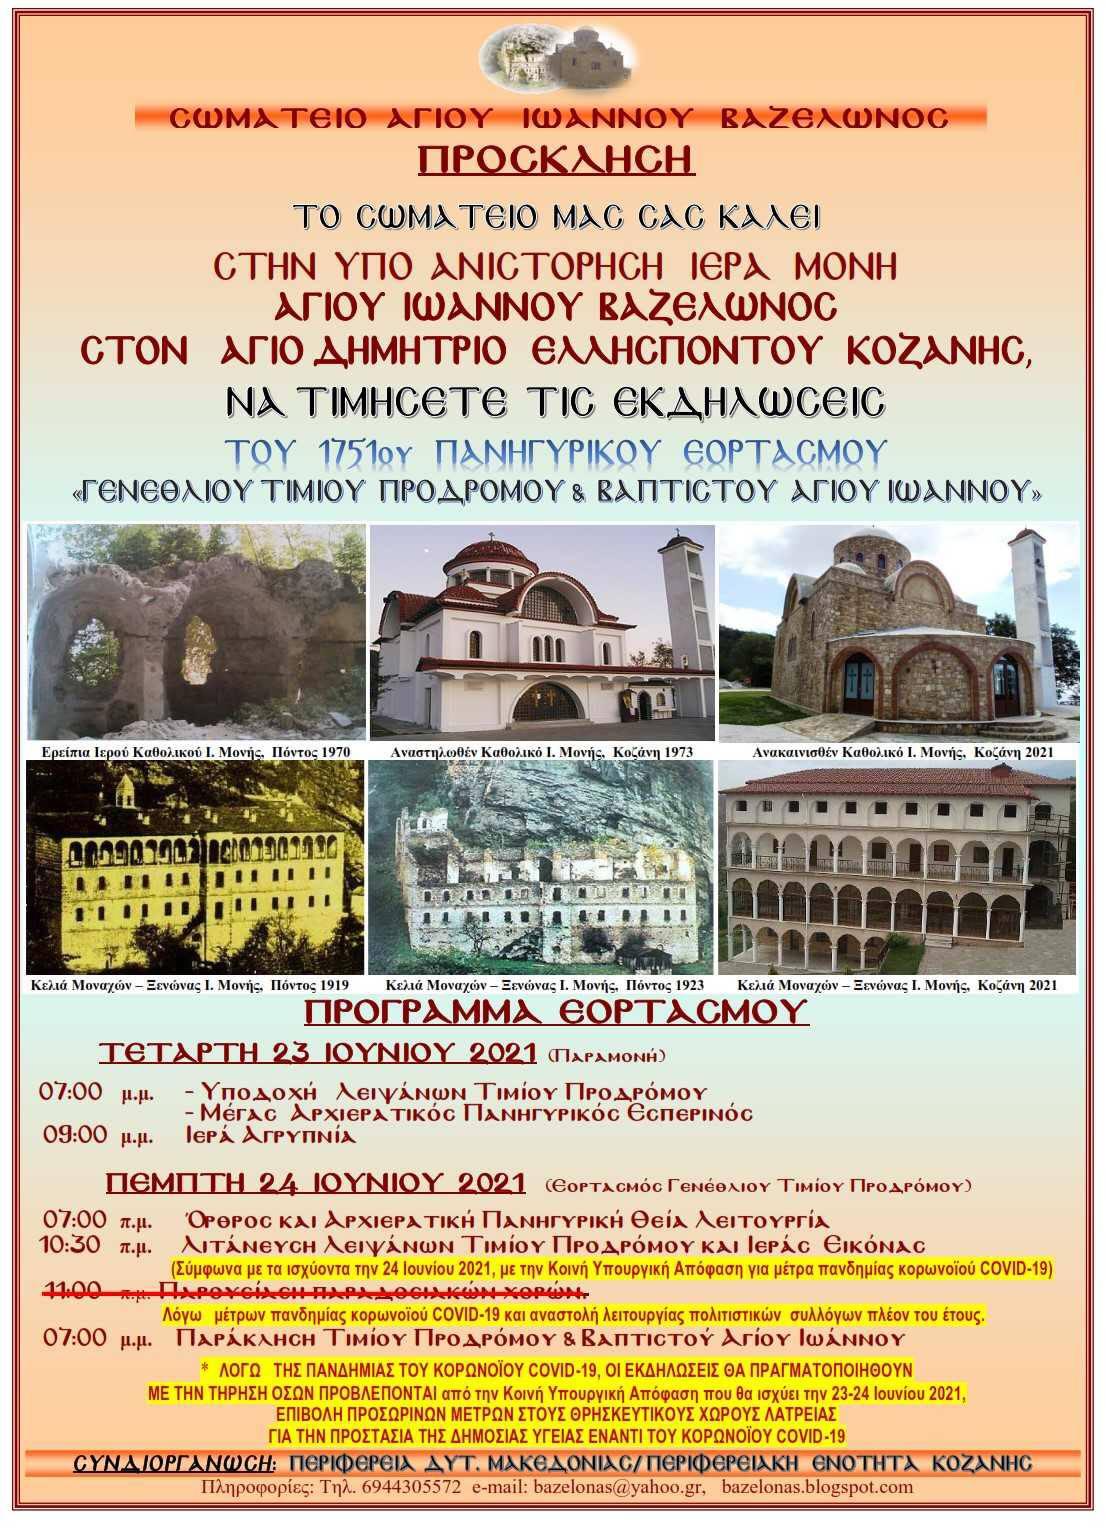 Ιερά μονή Βαζελώνος - πρόγραμμα πανηγυρικού εορτασμού «γενεθλίου Τιμίου Προδρόμου & βαπτιστού Αγίου Ιωάννου»